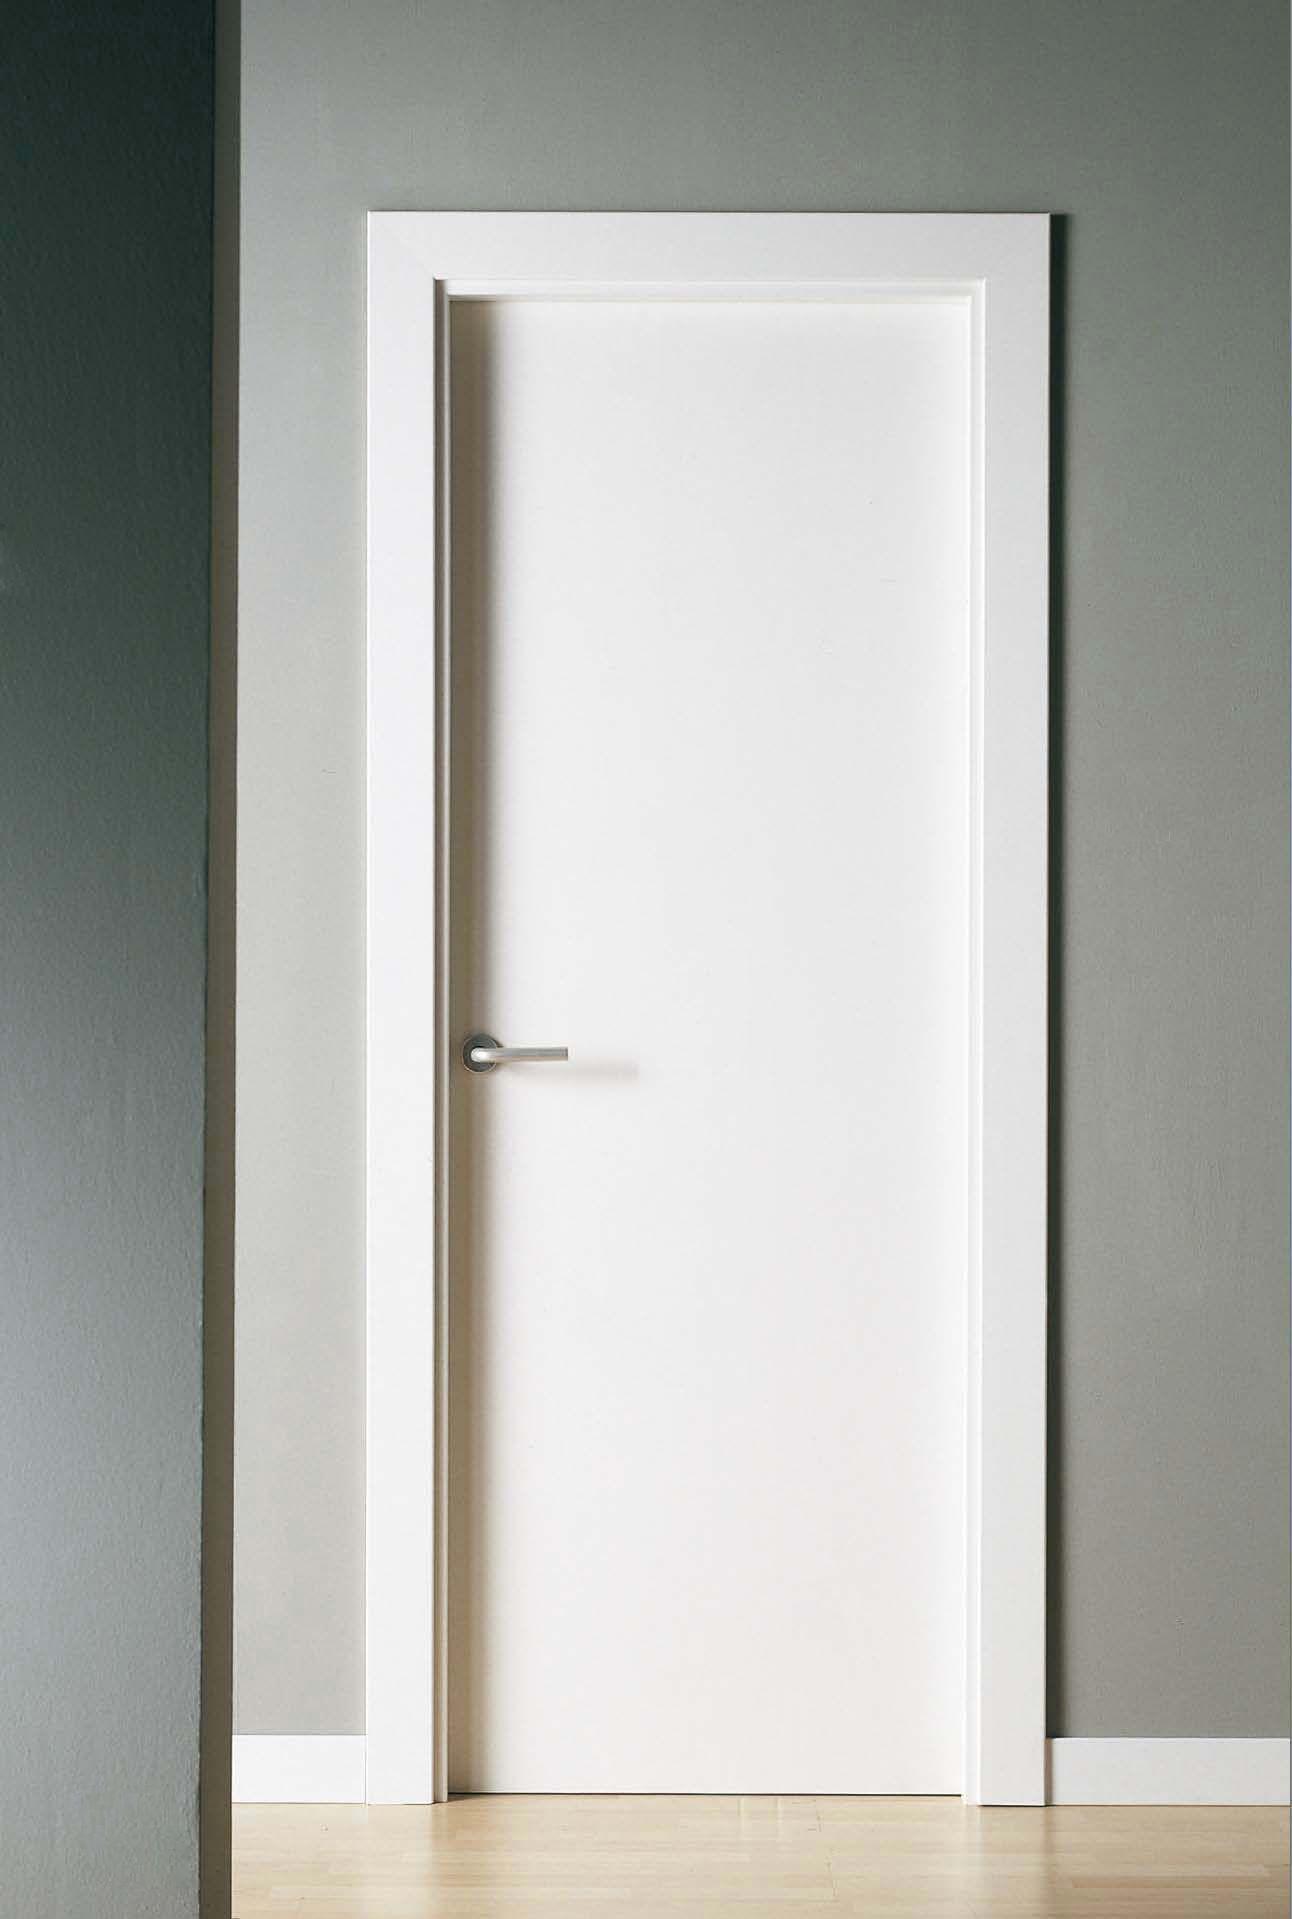 Puerta maciza lacada completa a falta de manilla,con cuatro manos de ...